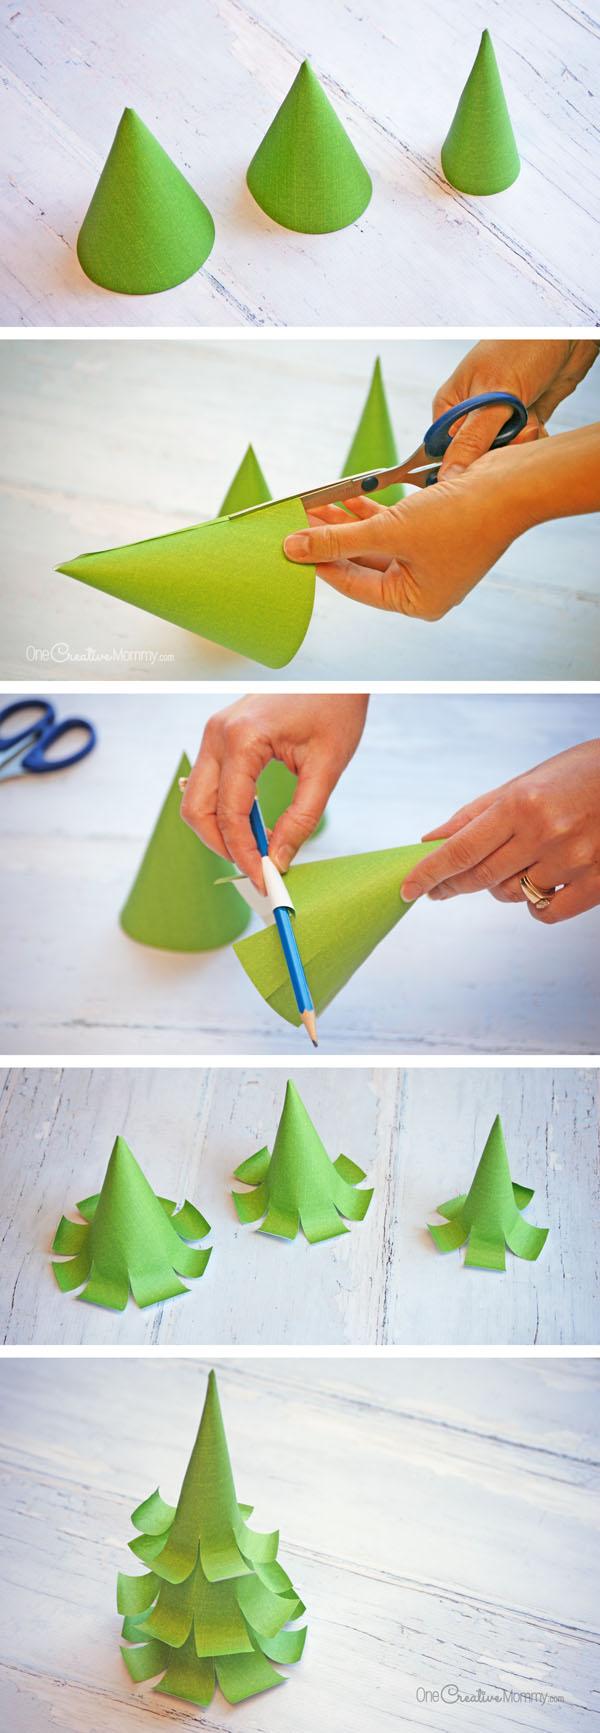 Как сделать бумажную ёлку самый лёгкий способ и другие